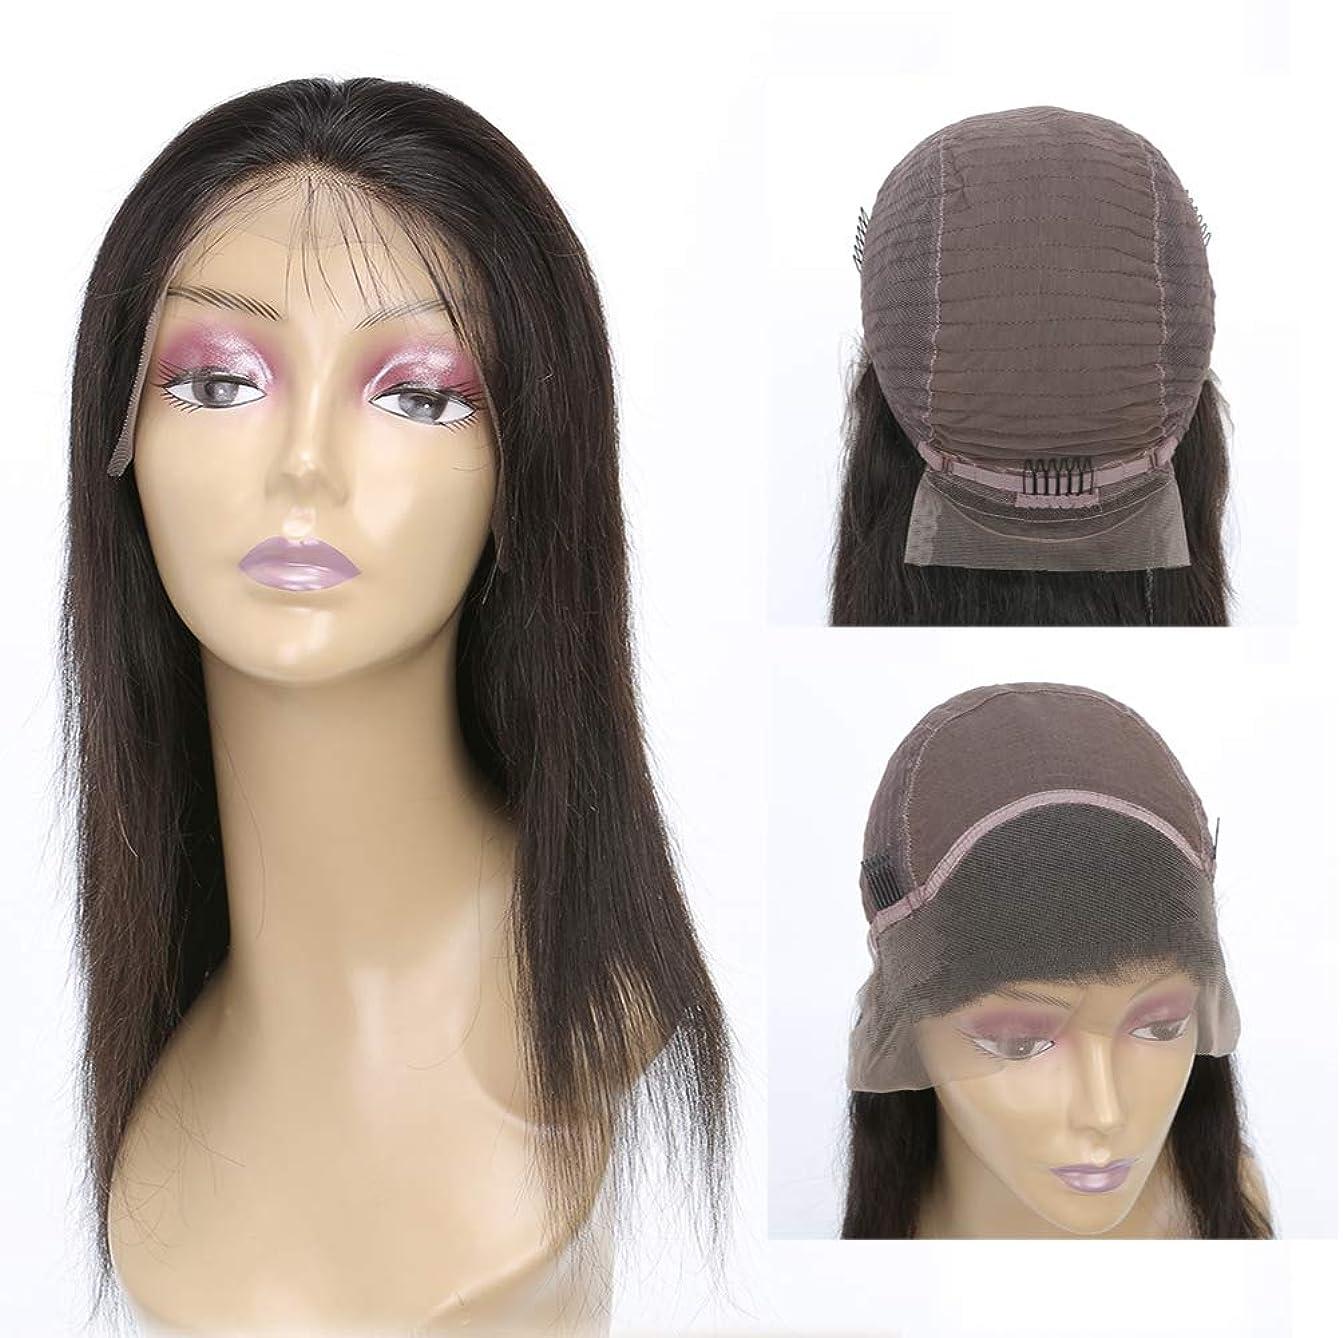 文明葉を拾う祭り女性150%密度レミー人間の髪の毛のレースのフロントかつらで自然なストレートブラジル髪のかつら